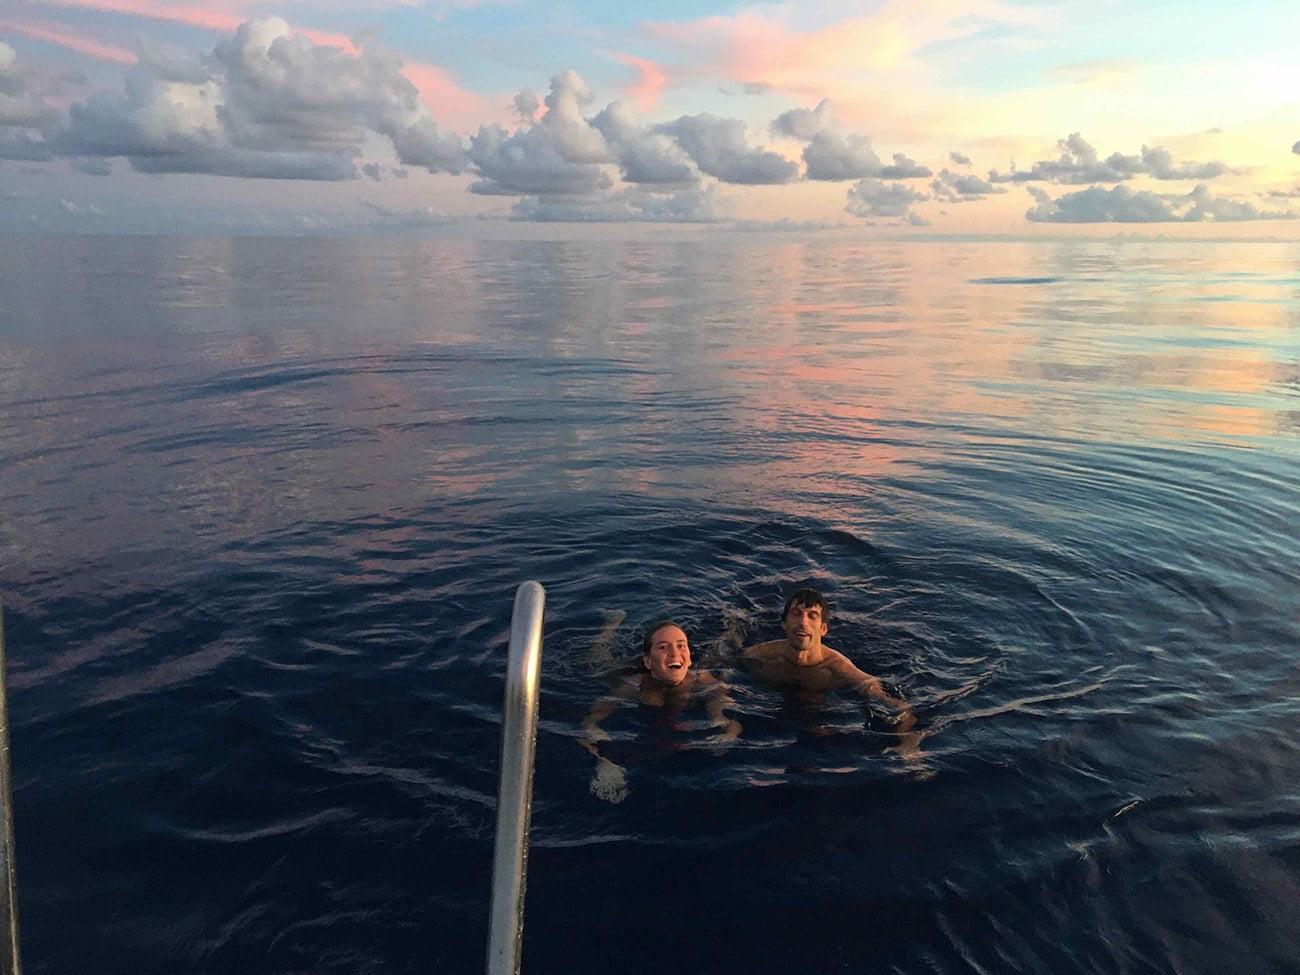 Imagem de mergulho no oceano